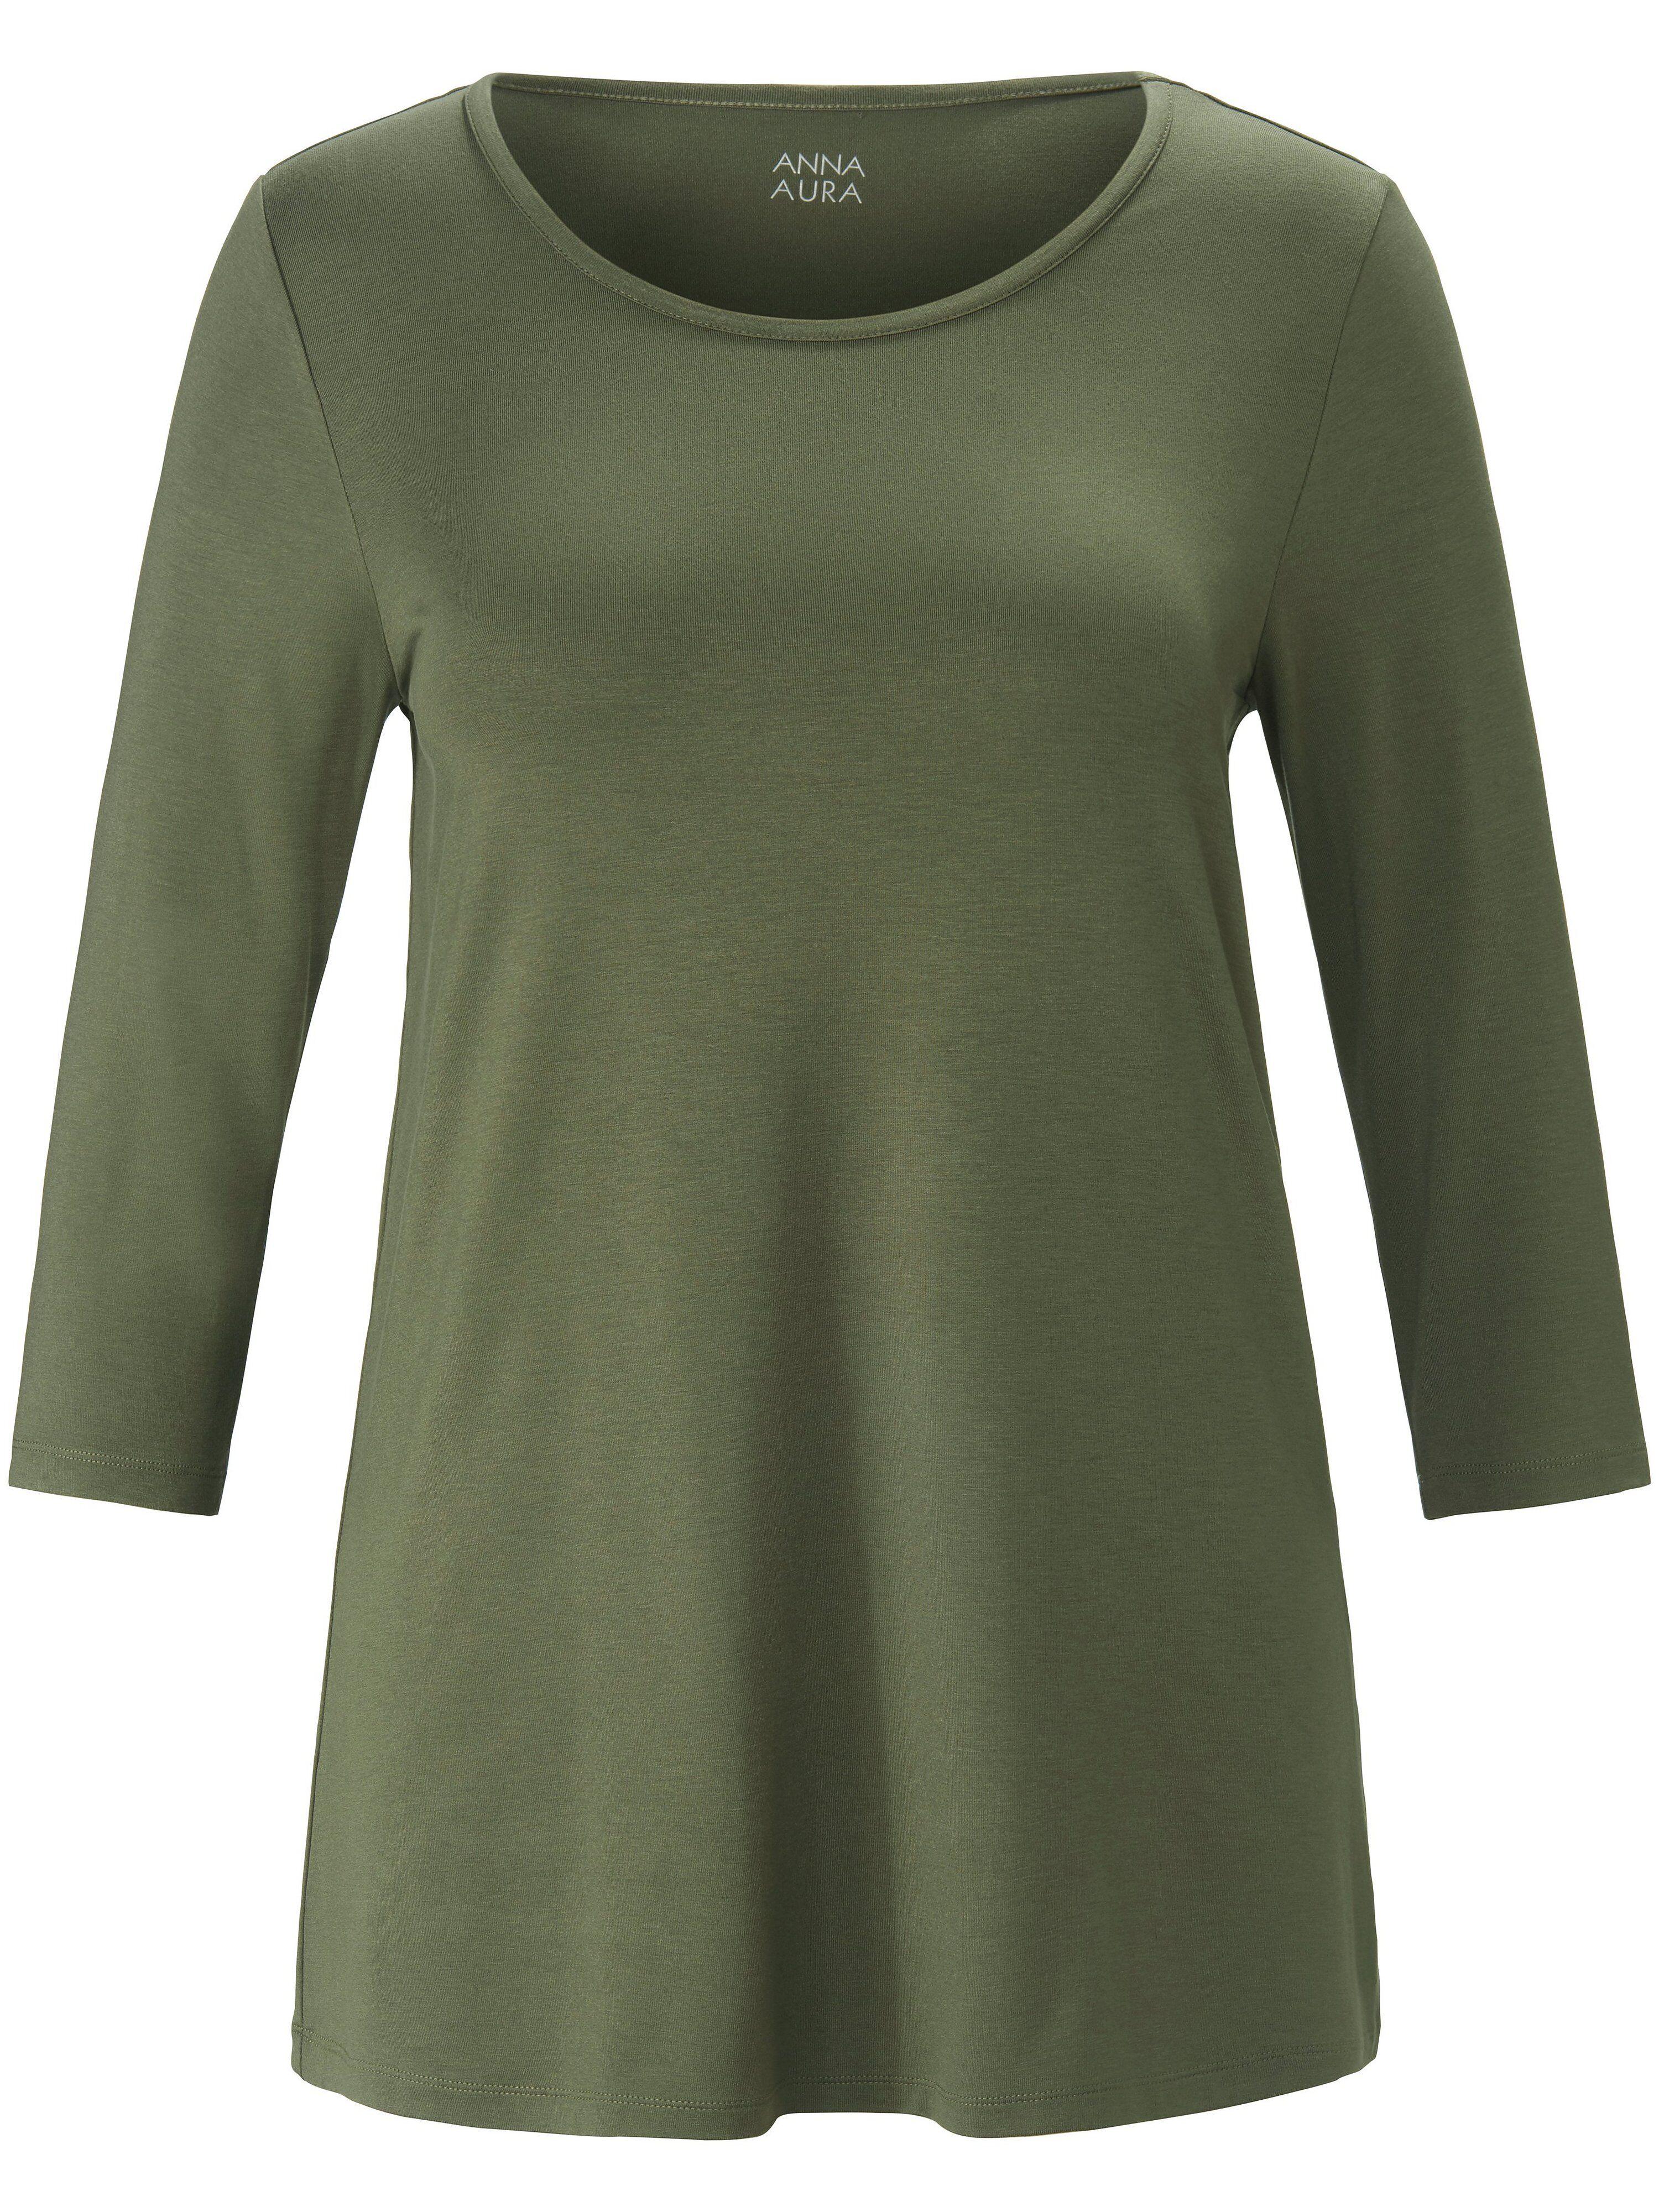 Anna Aura Le T-shirt manches 3/4  Anna Aura vert  - Femme - 42